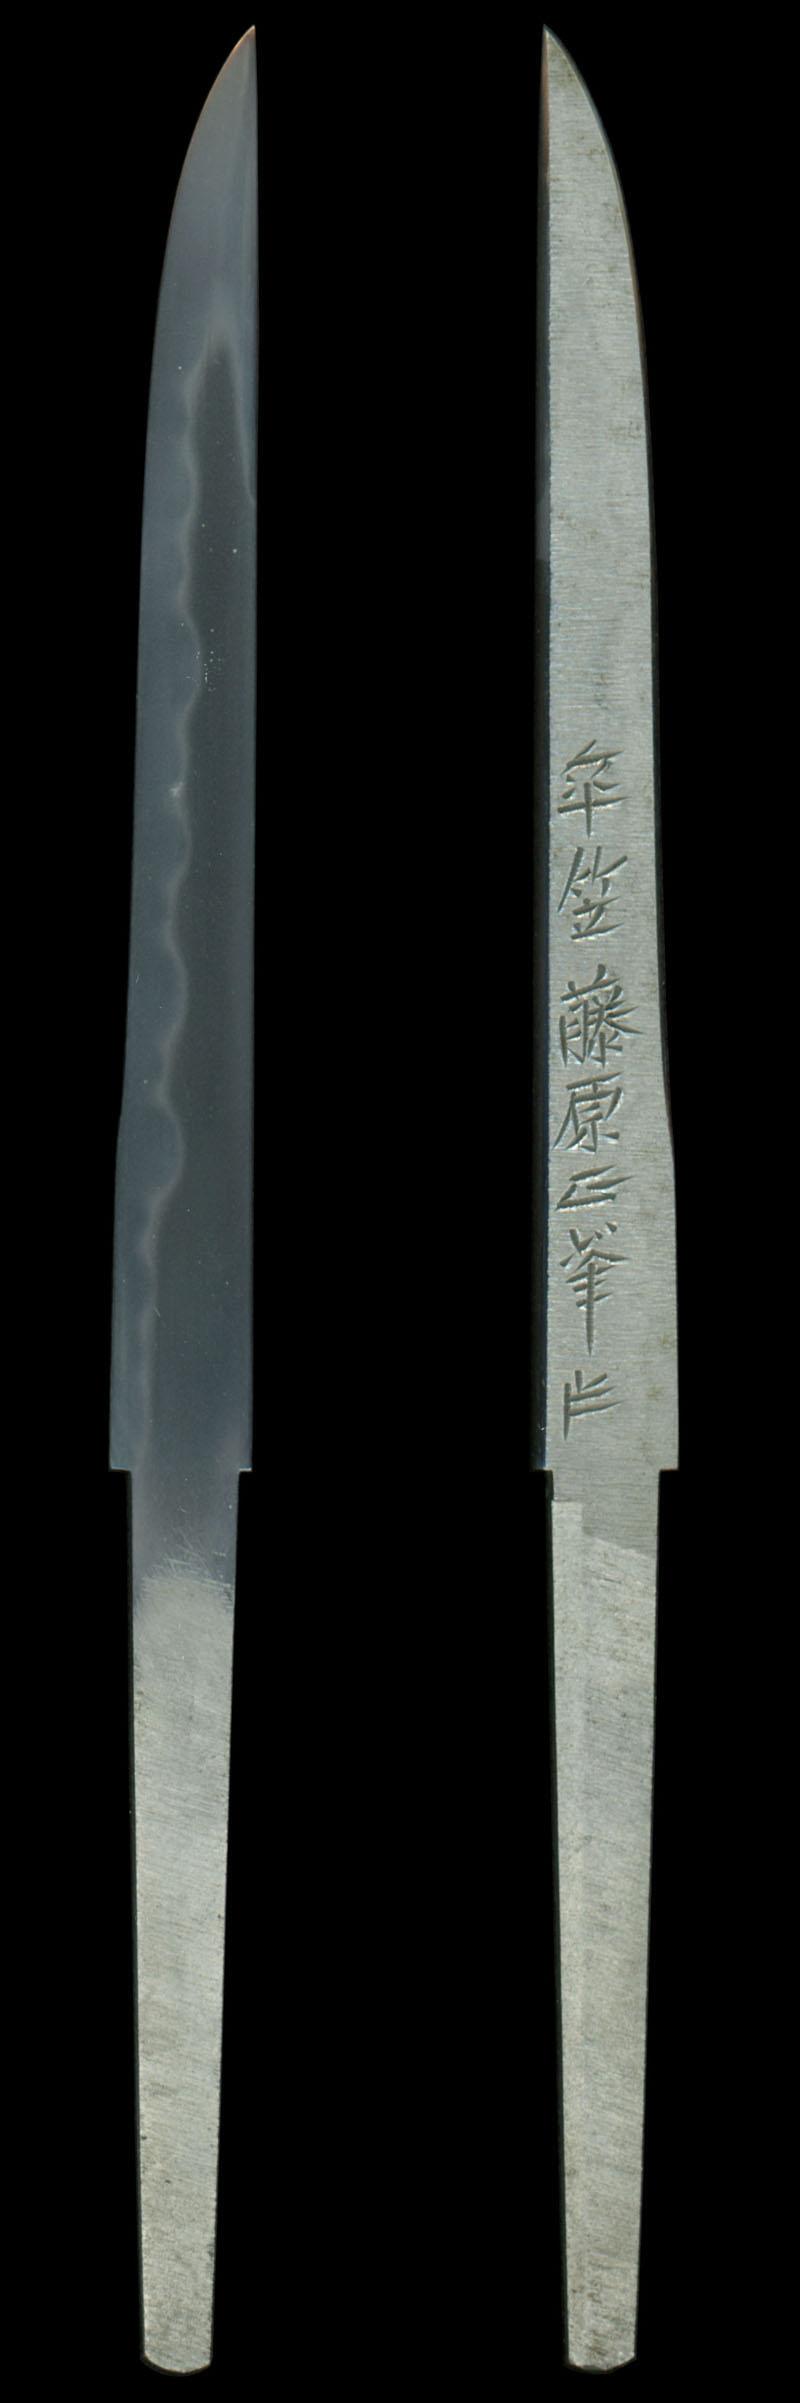 傘笠藤原正峯(隅谷 正峯)Picture of whole